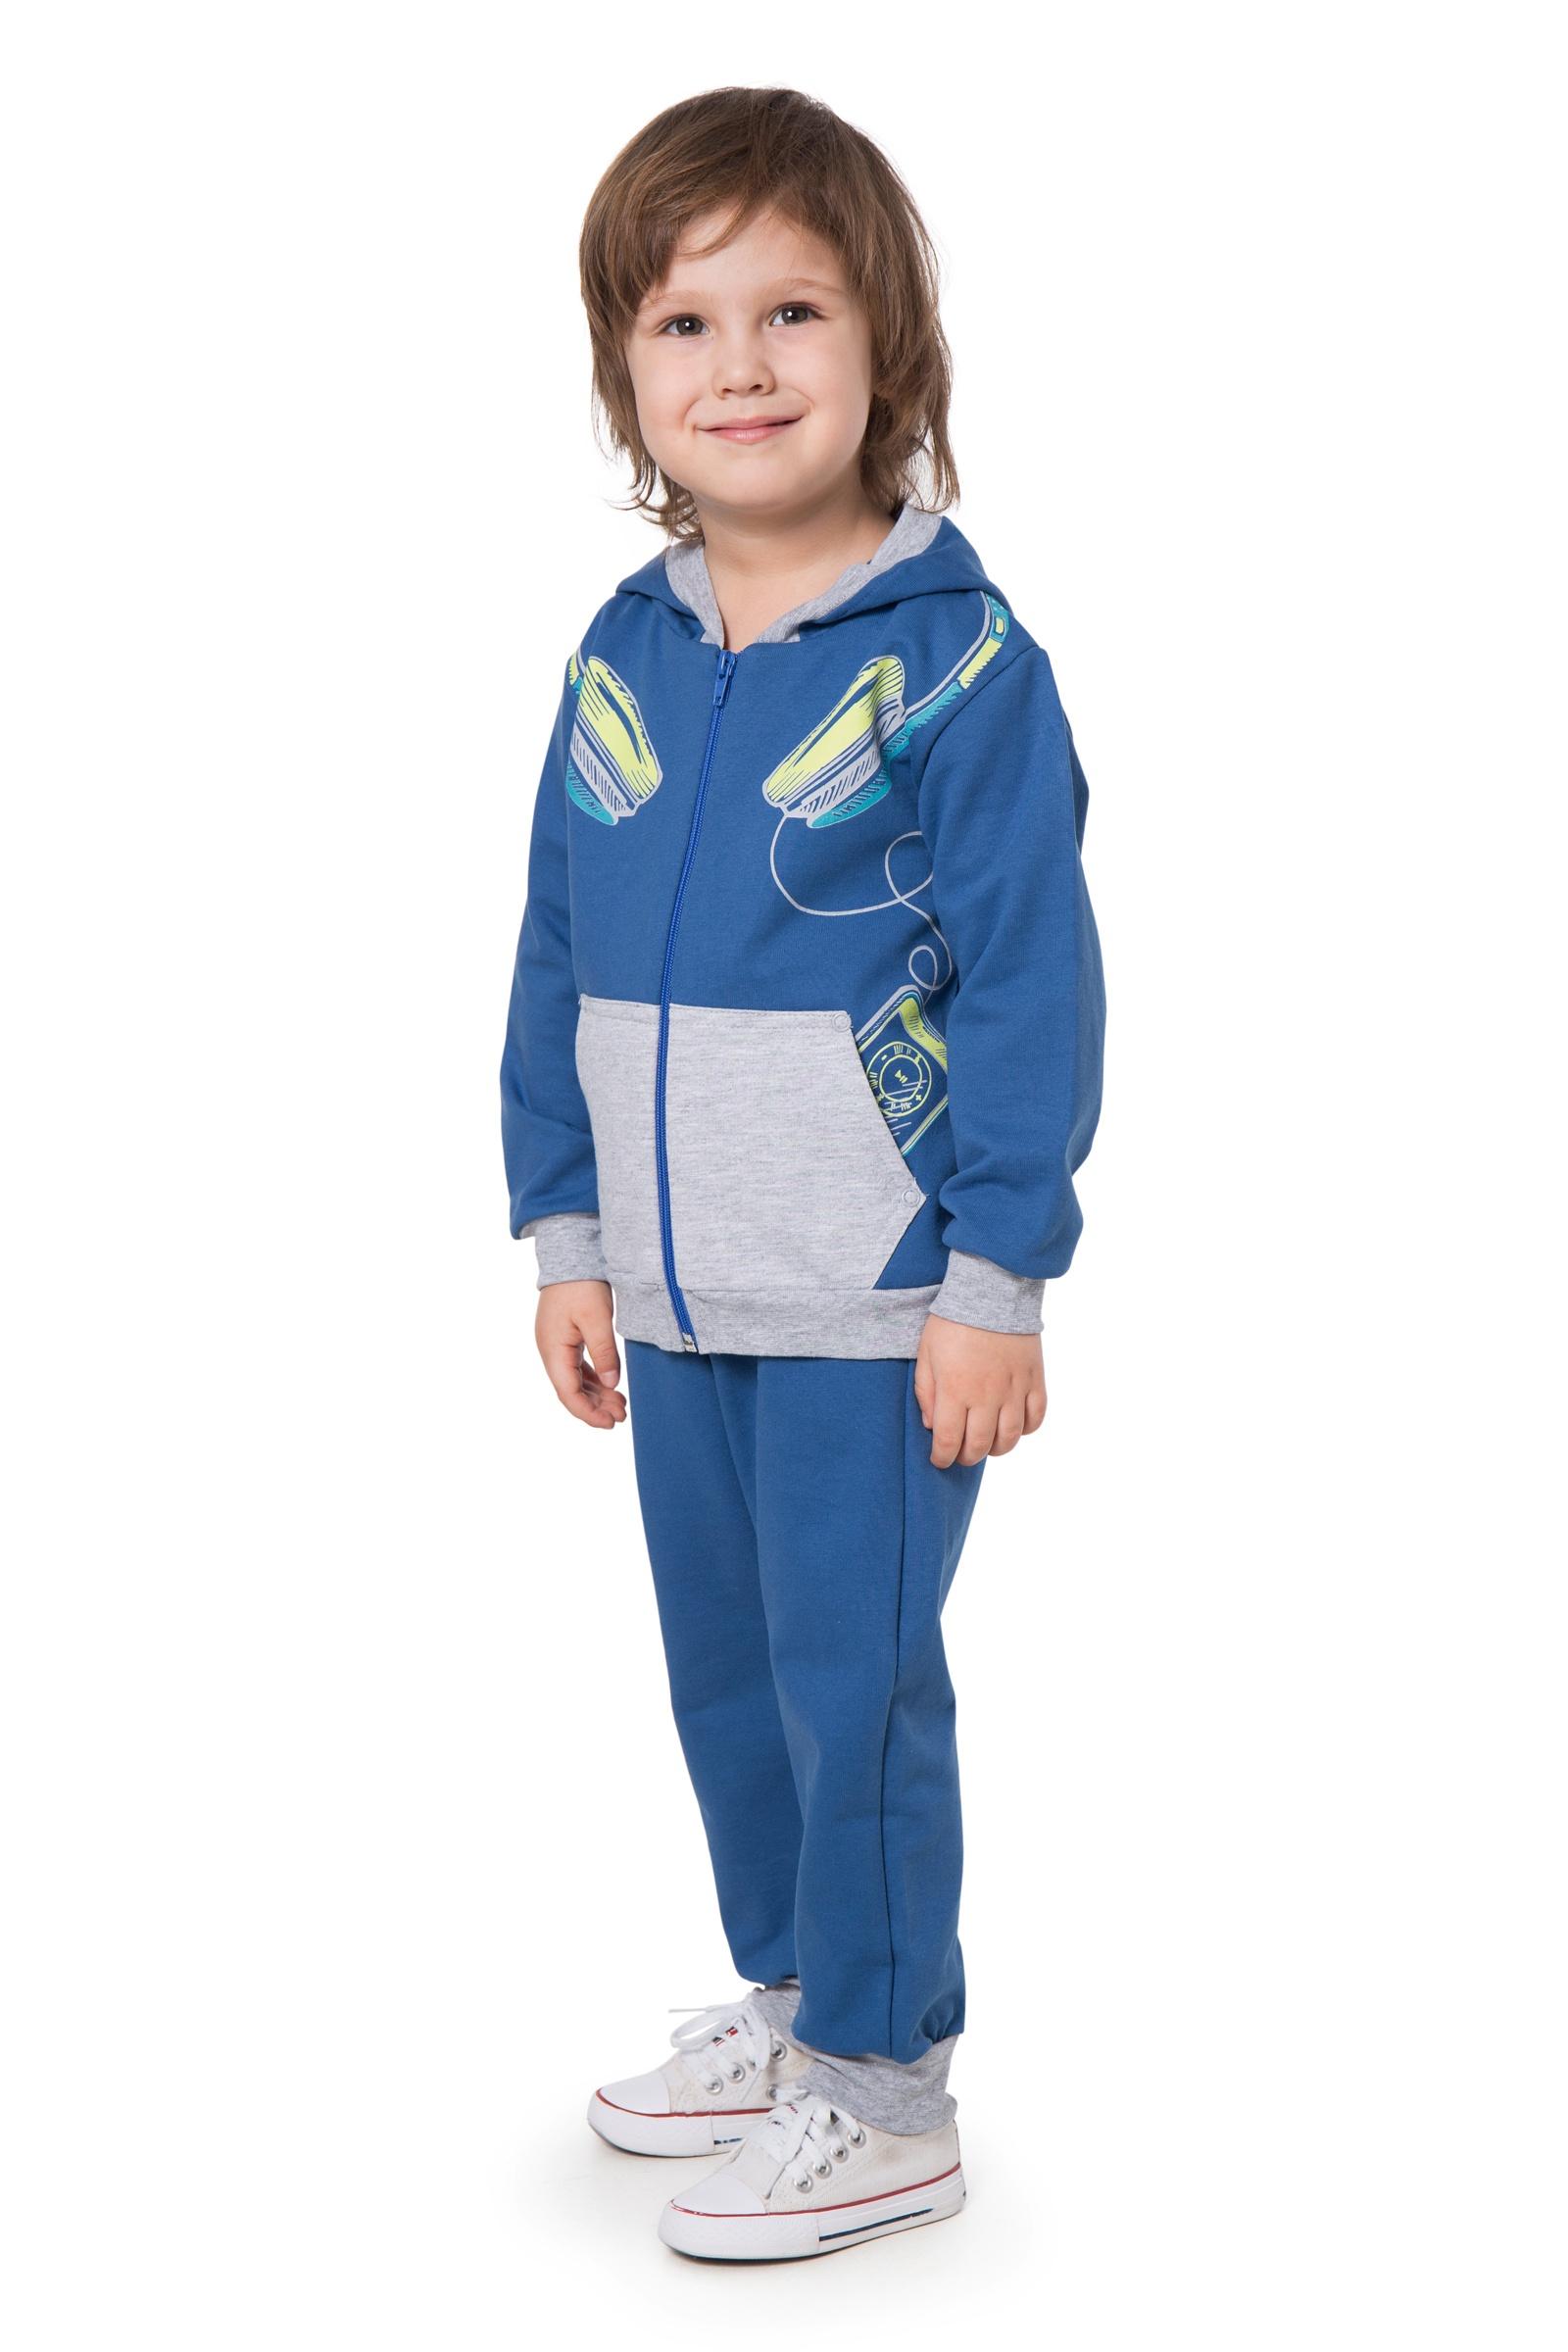 Комплект одежды Little world of alena КС05-2962-1_2_98-104, синий 104 размерКС05-2962-1_2_98-104В такой вещи ребенок даже на улице будет выглядеть стильно и нарядно. Удобный костюм с начесом в практичном цвете состоит из двух предметов. Куртка на молнии для дополнительной защиты головы от ветра снабжена капюшоном. Есть вместительные карманы, куда мальчик может сложить нужные мелочи. Штаны в спортивном стиле не задираются при беге и во время игр.